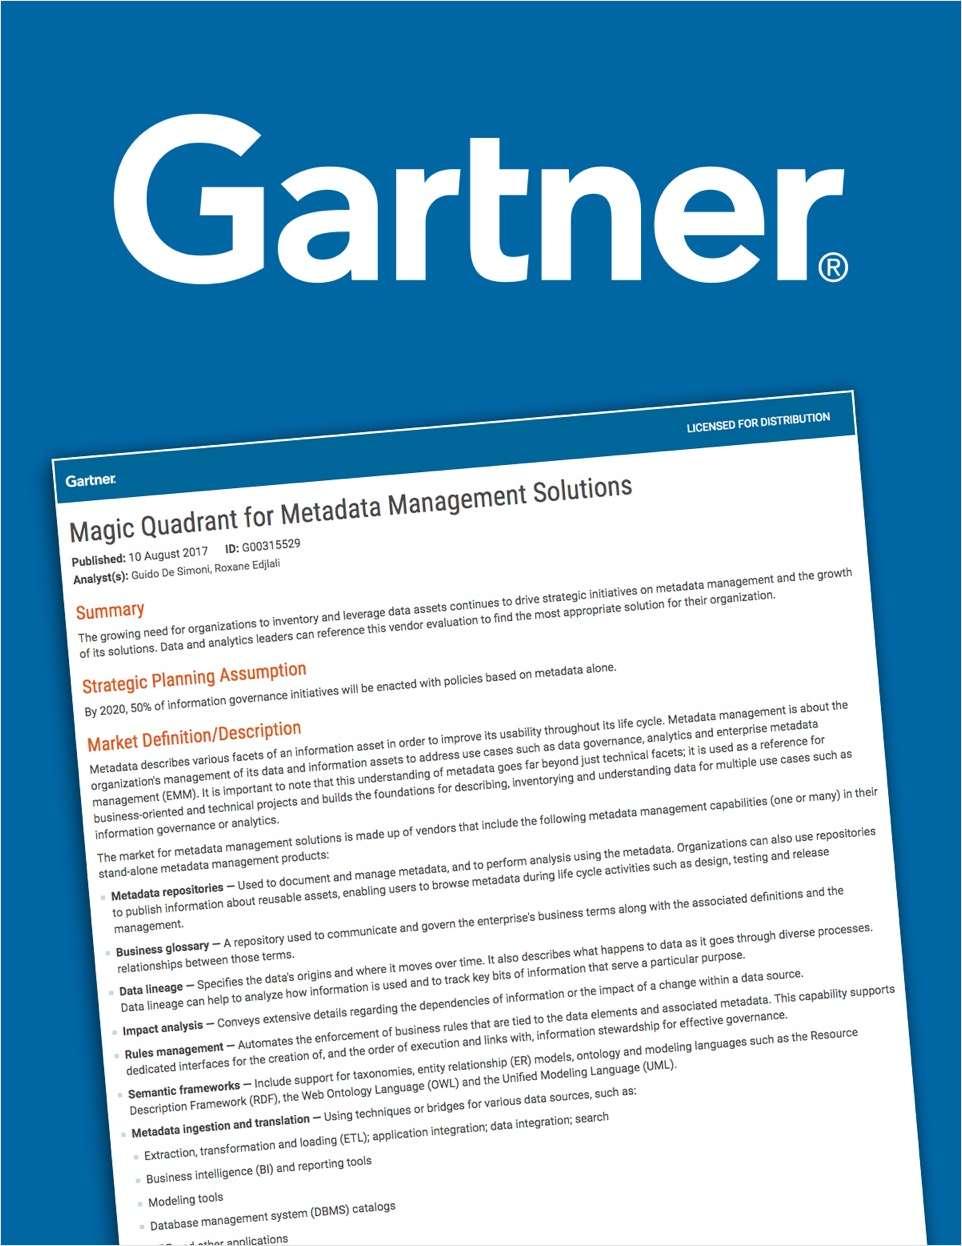 2017 Gartner Magic Quadrant for Metadata Management Solutions